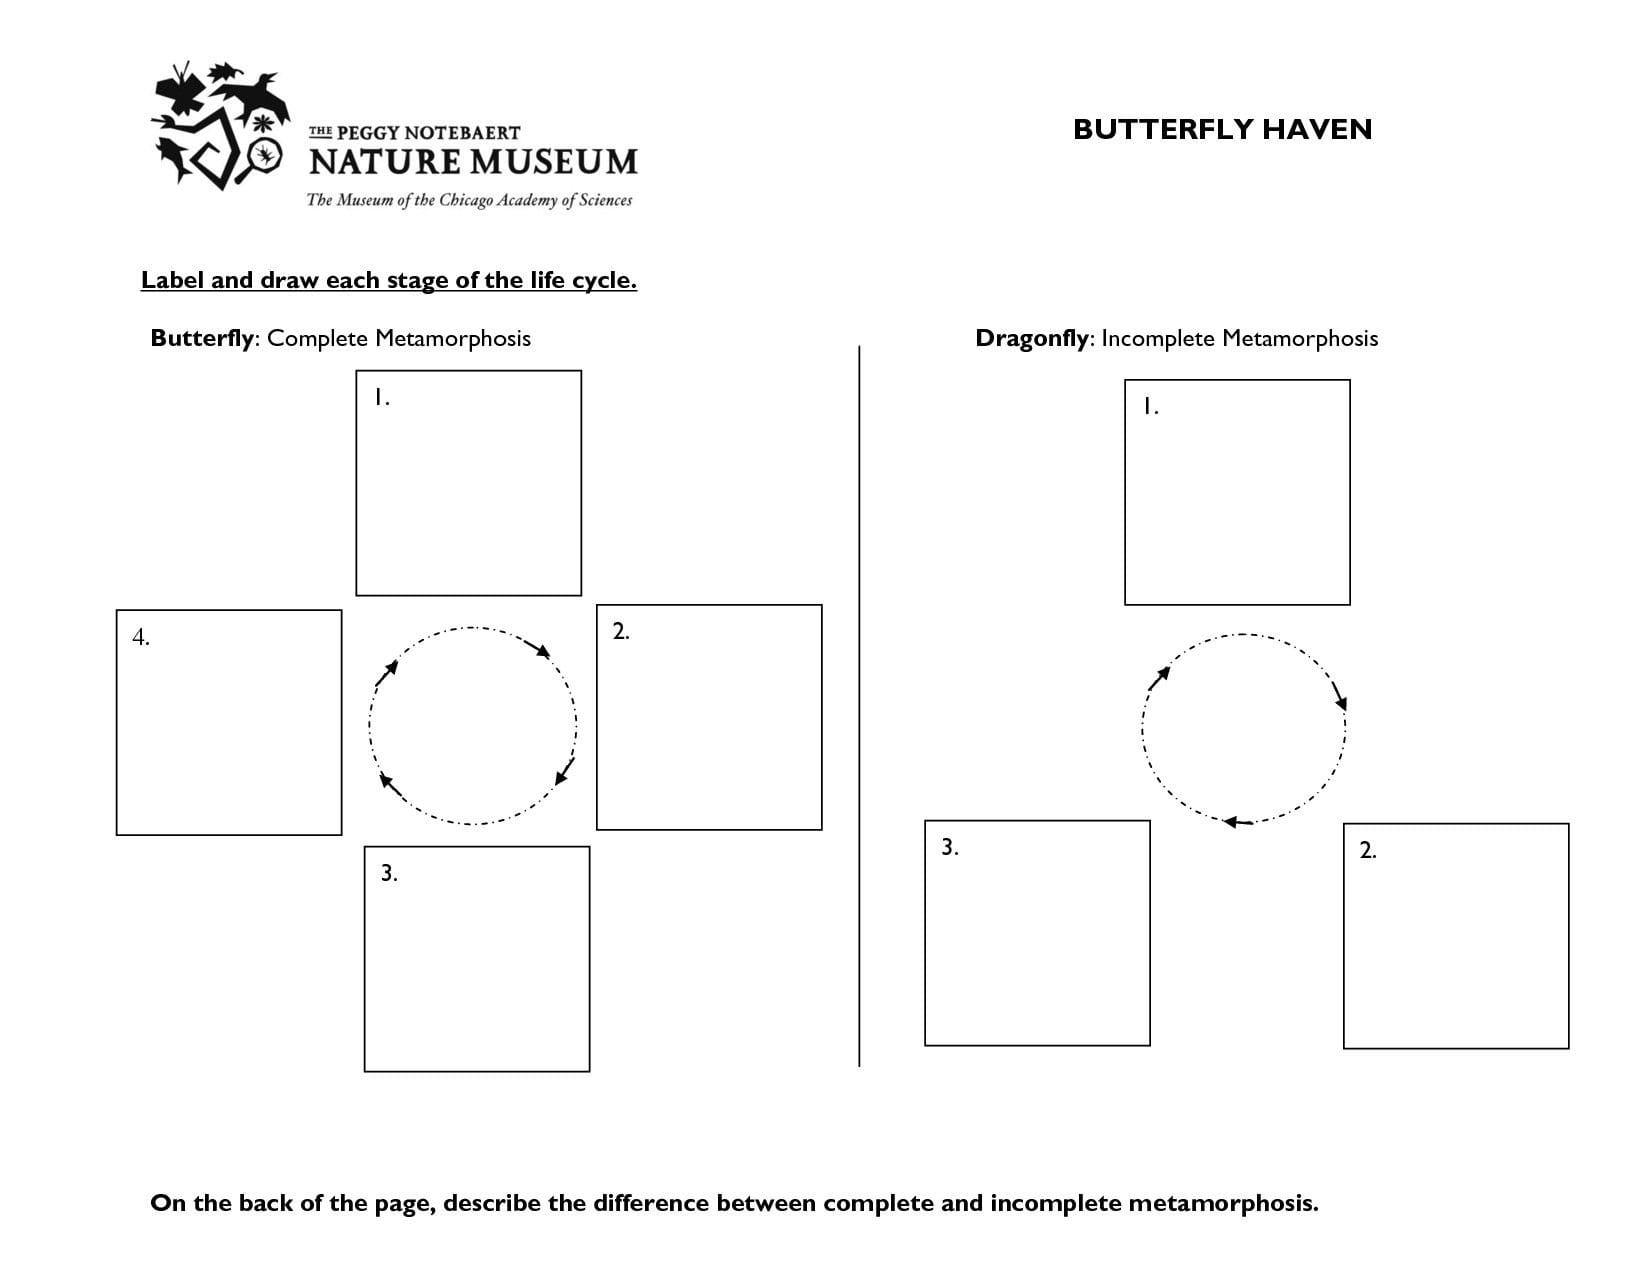 Spidergram Worksheet Elizabeth  Briefencounters Worksheet Template Regarding Spidergram Worksheet Elizabeth